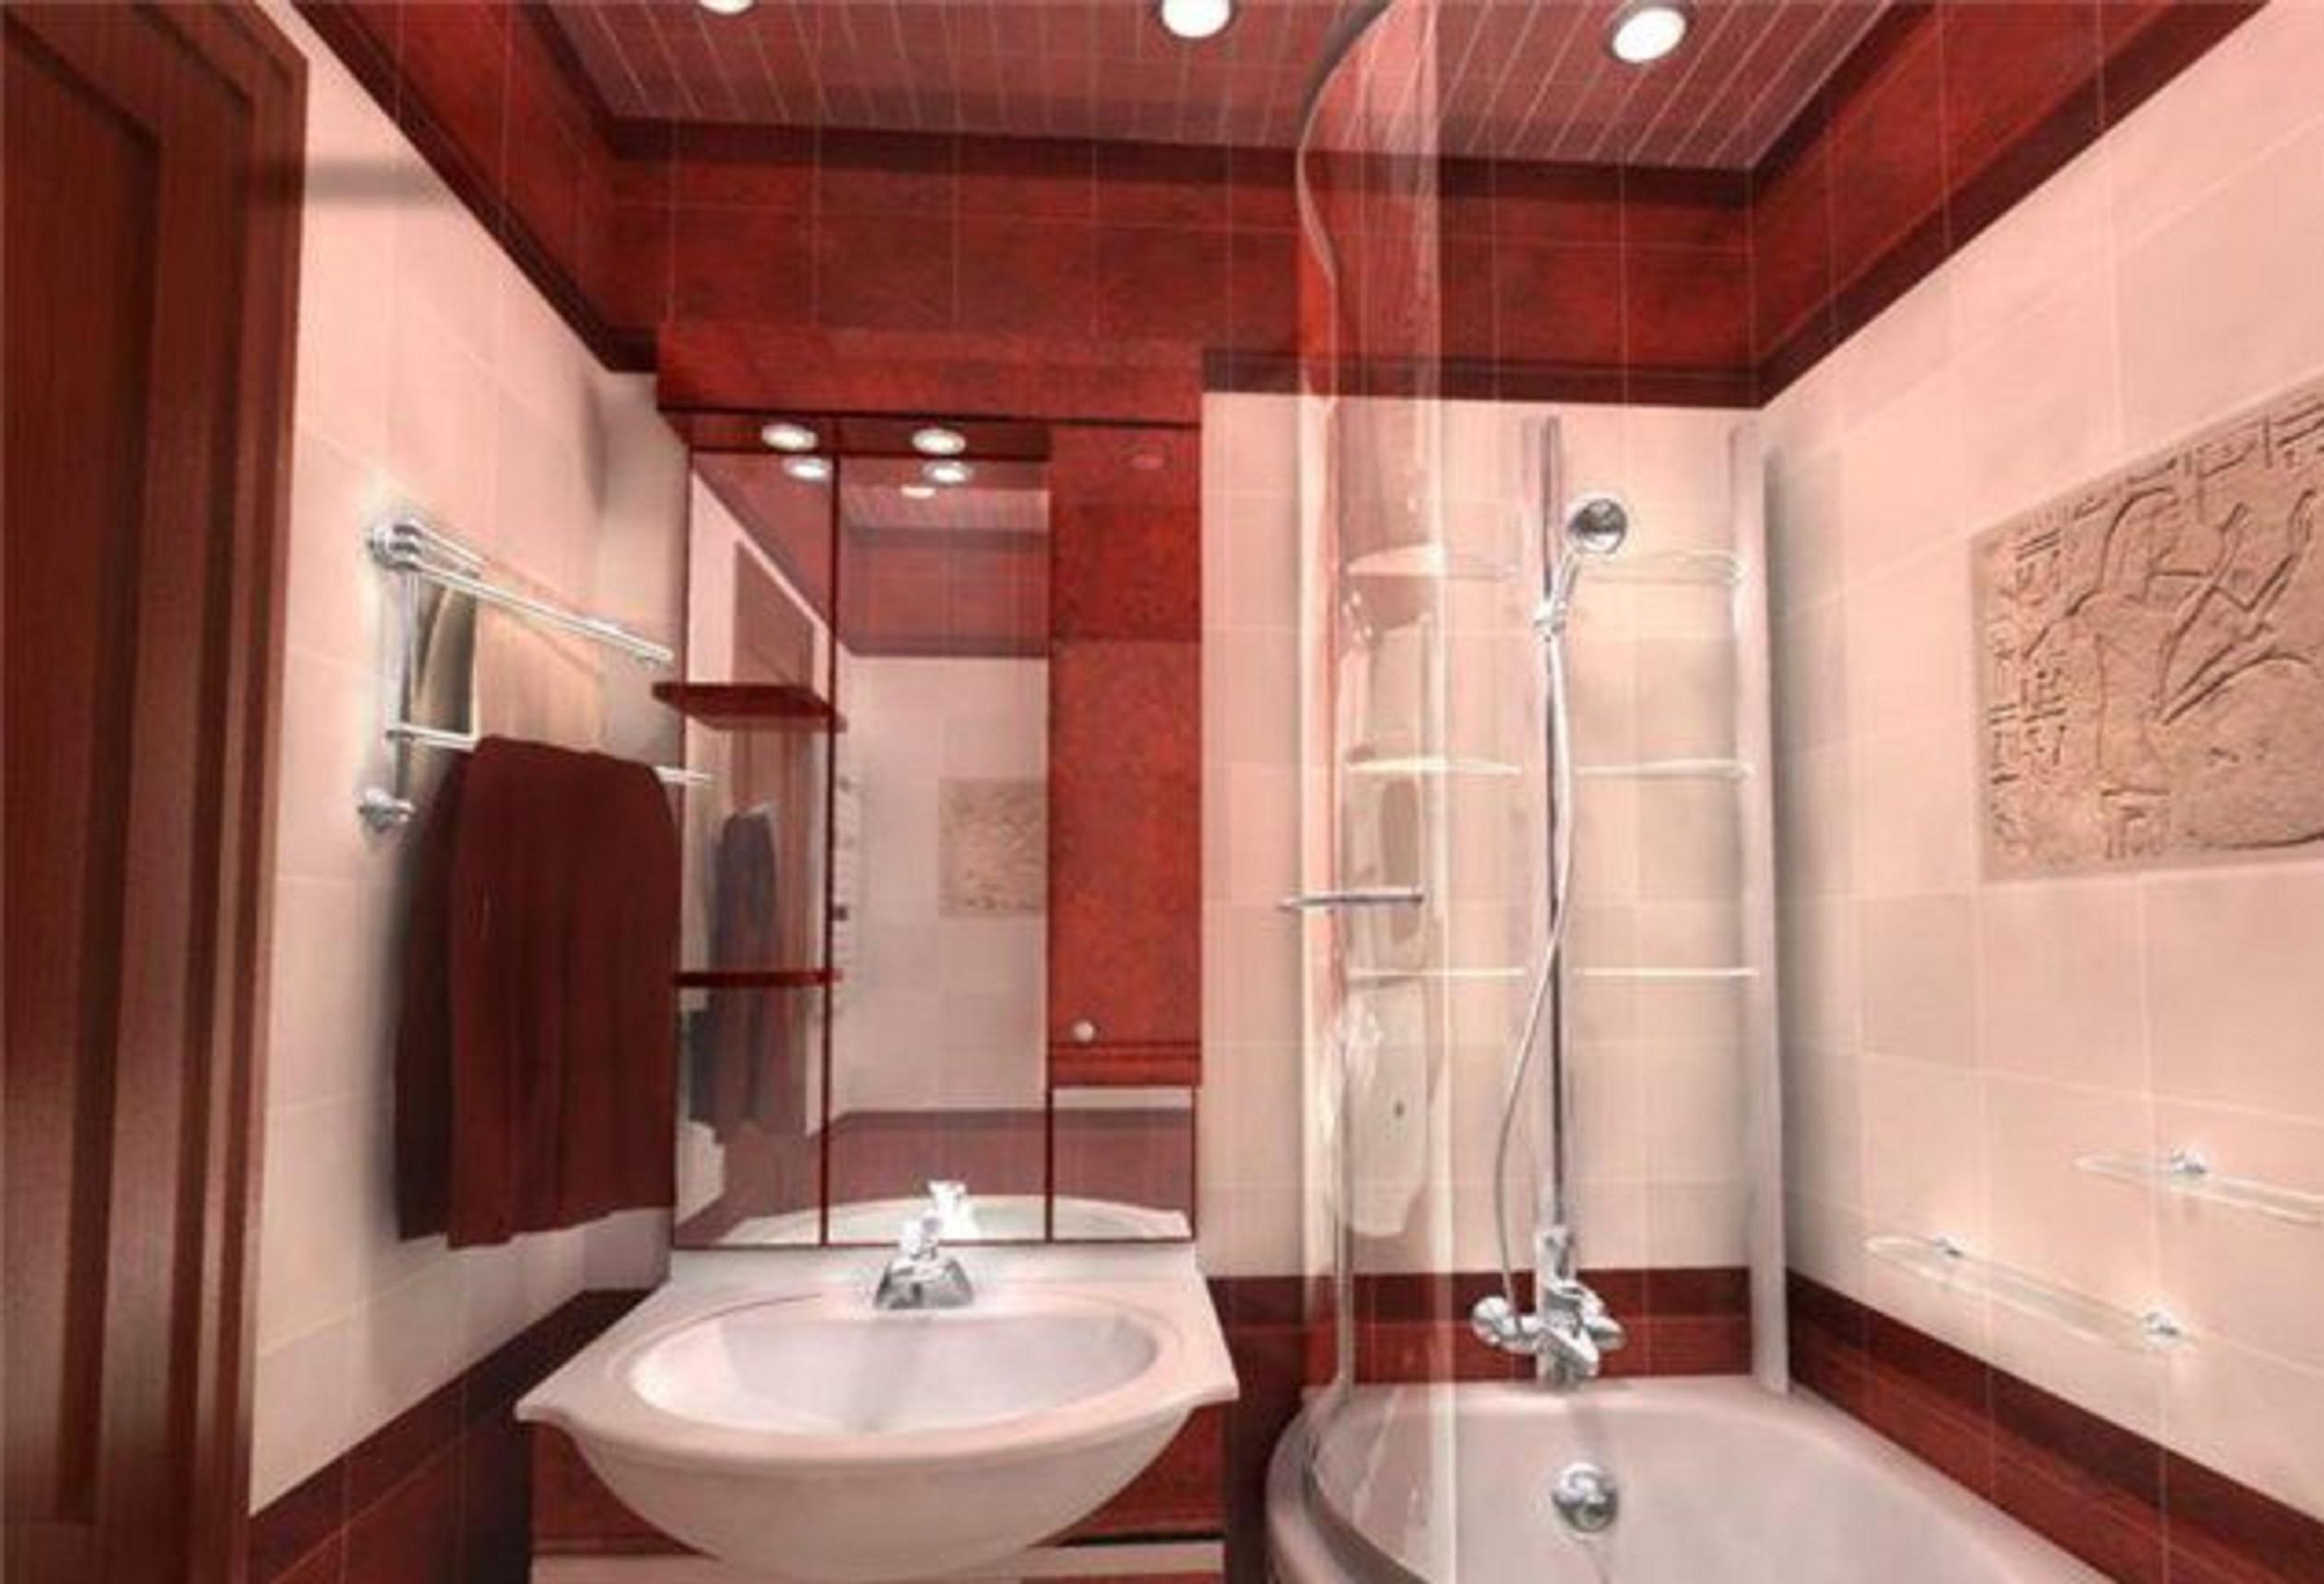 Ванная комната в квартирах дизайн